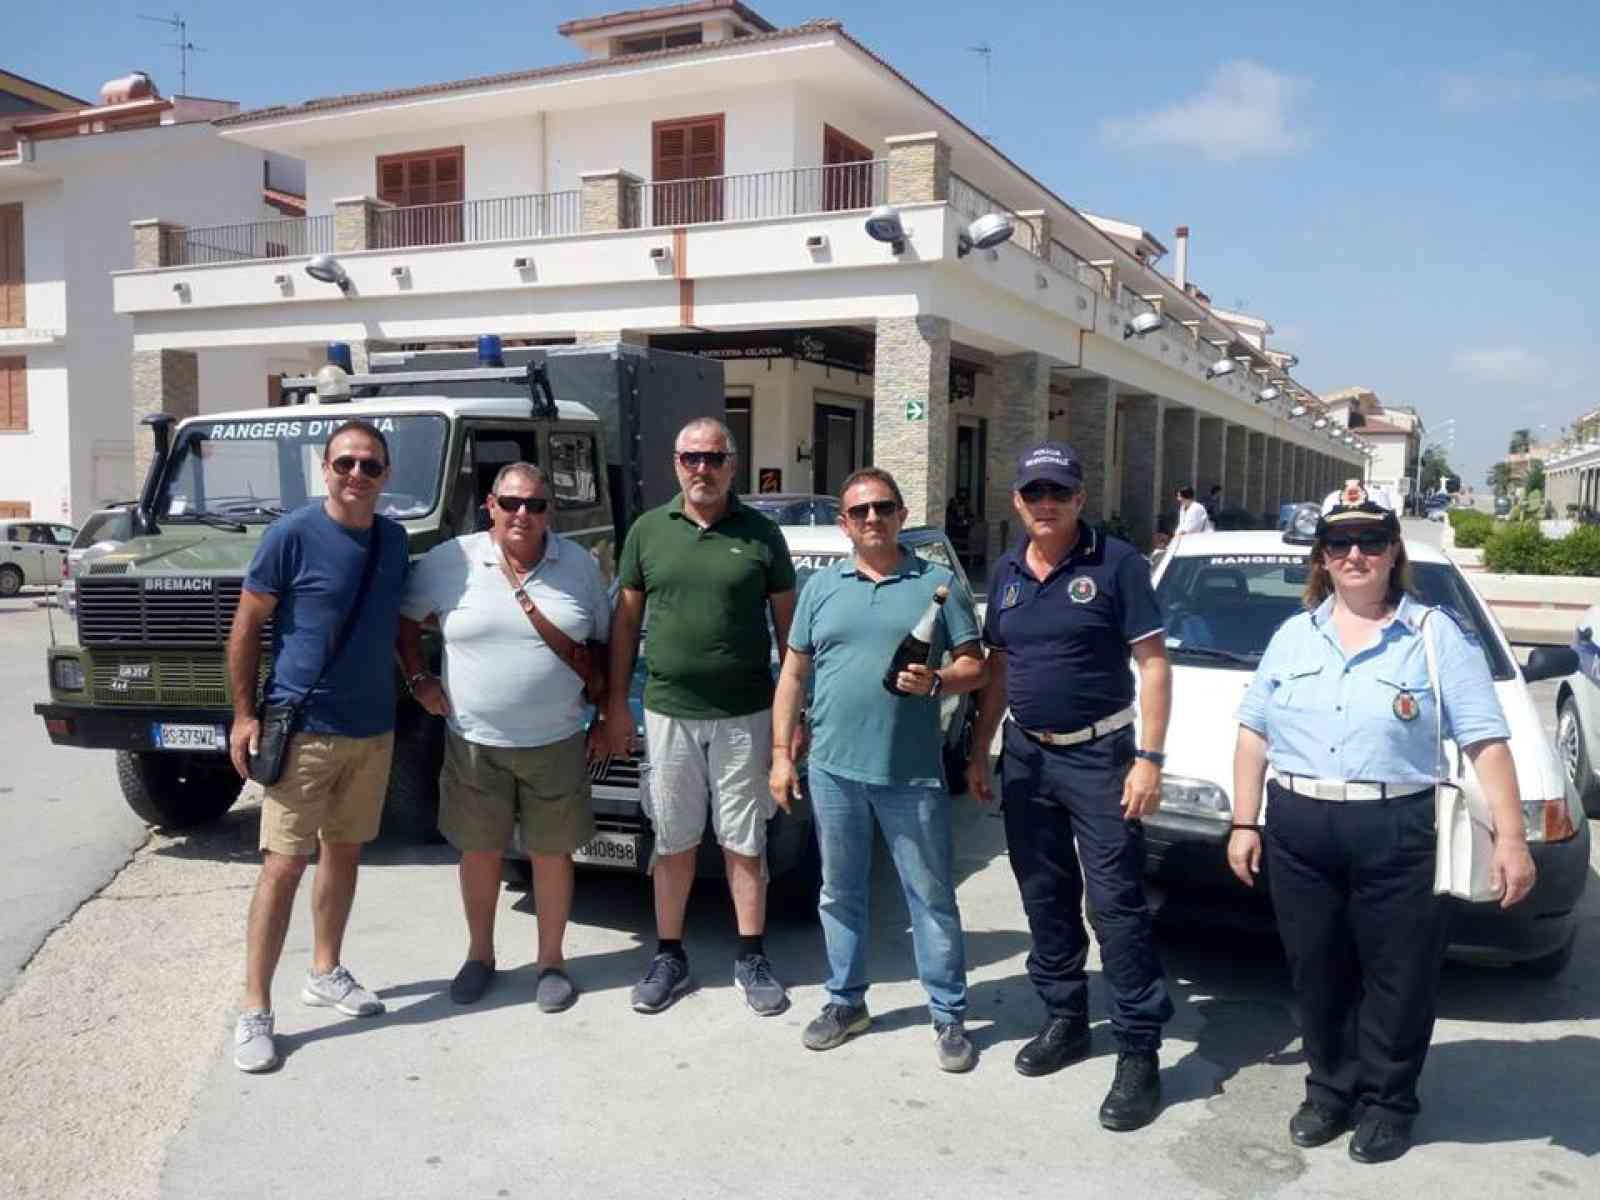 Immagine articolo: Santa Margherita, nuovi mezzi di soccorso per i Rangers. Ieri la presentazione